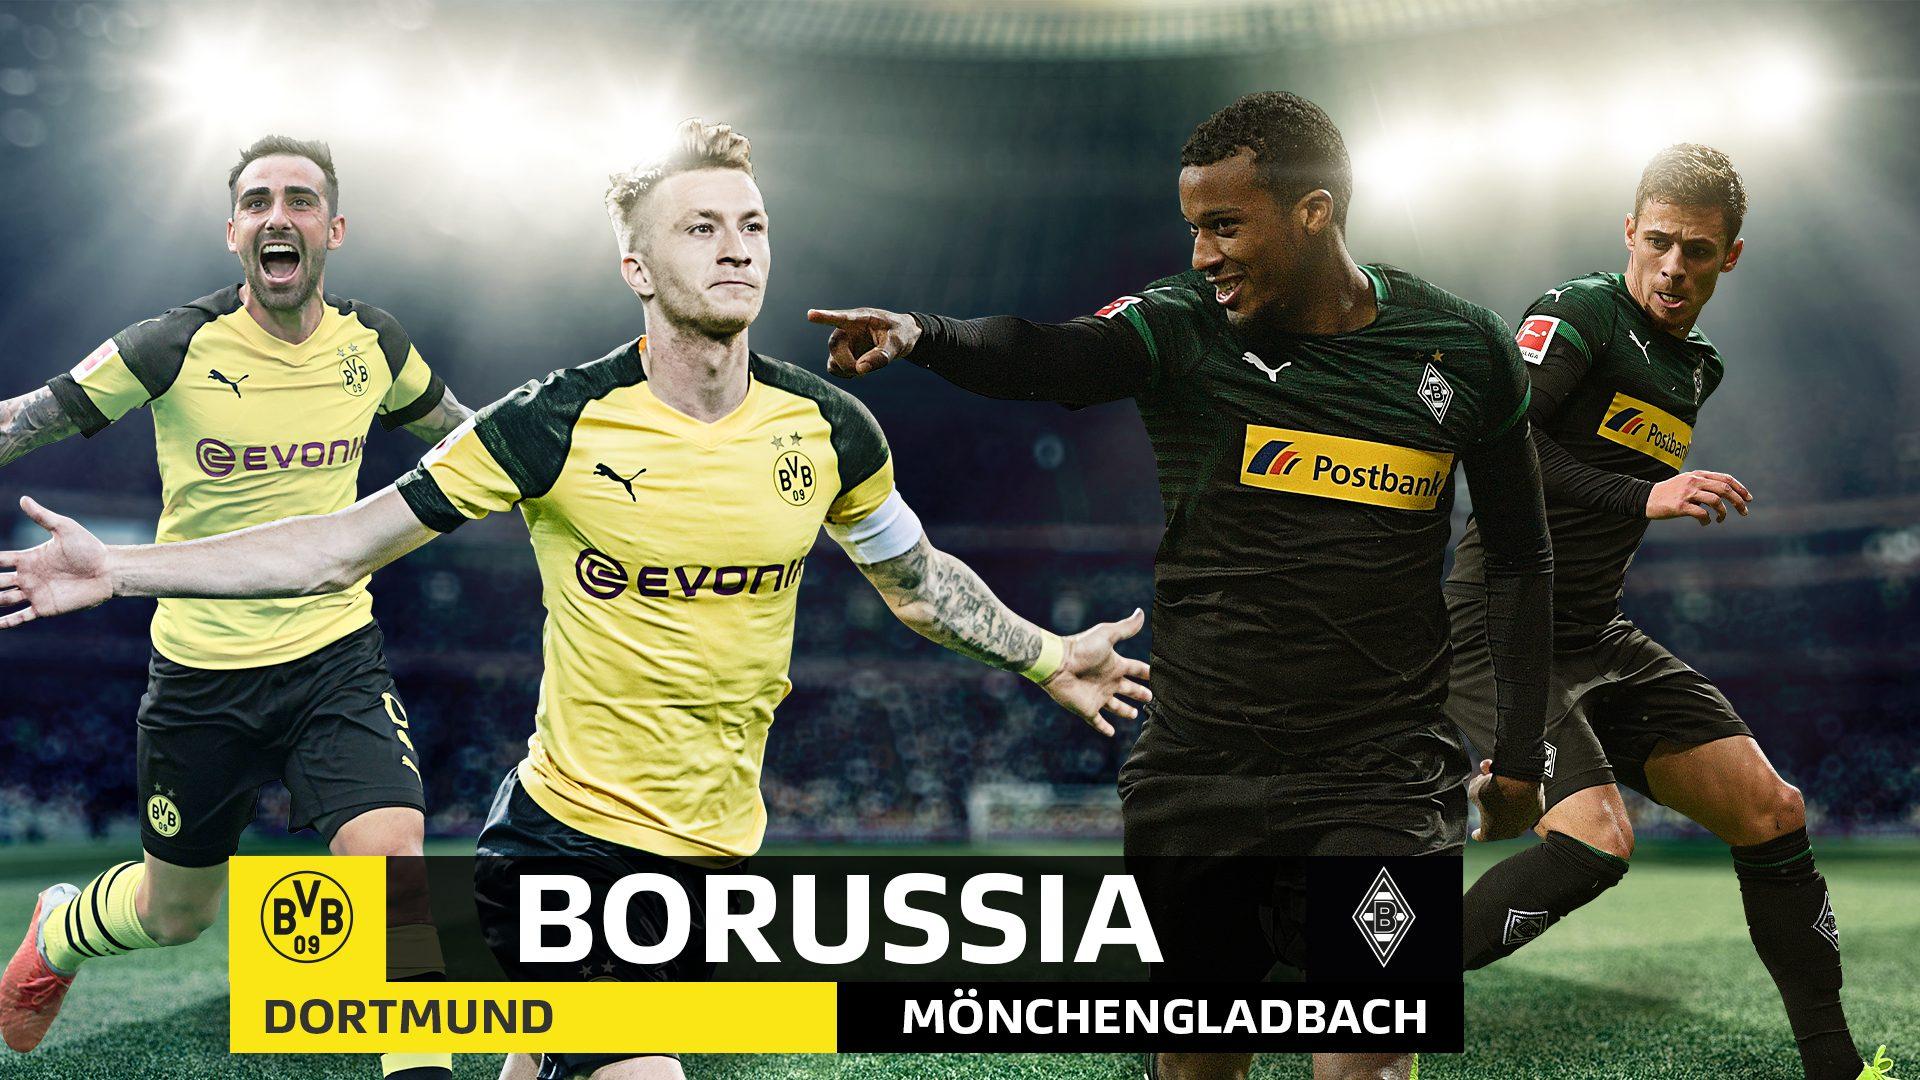 ¿Qué significa Borussia?